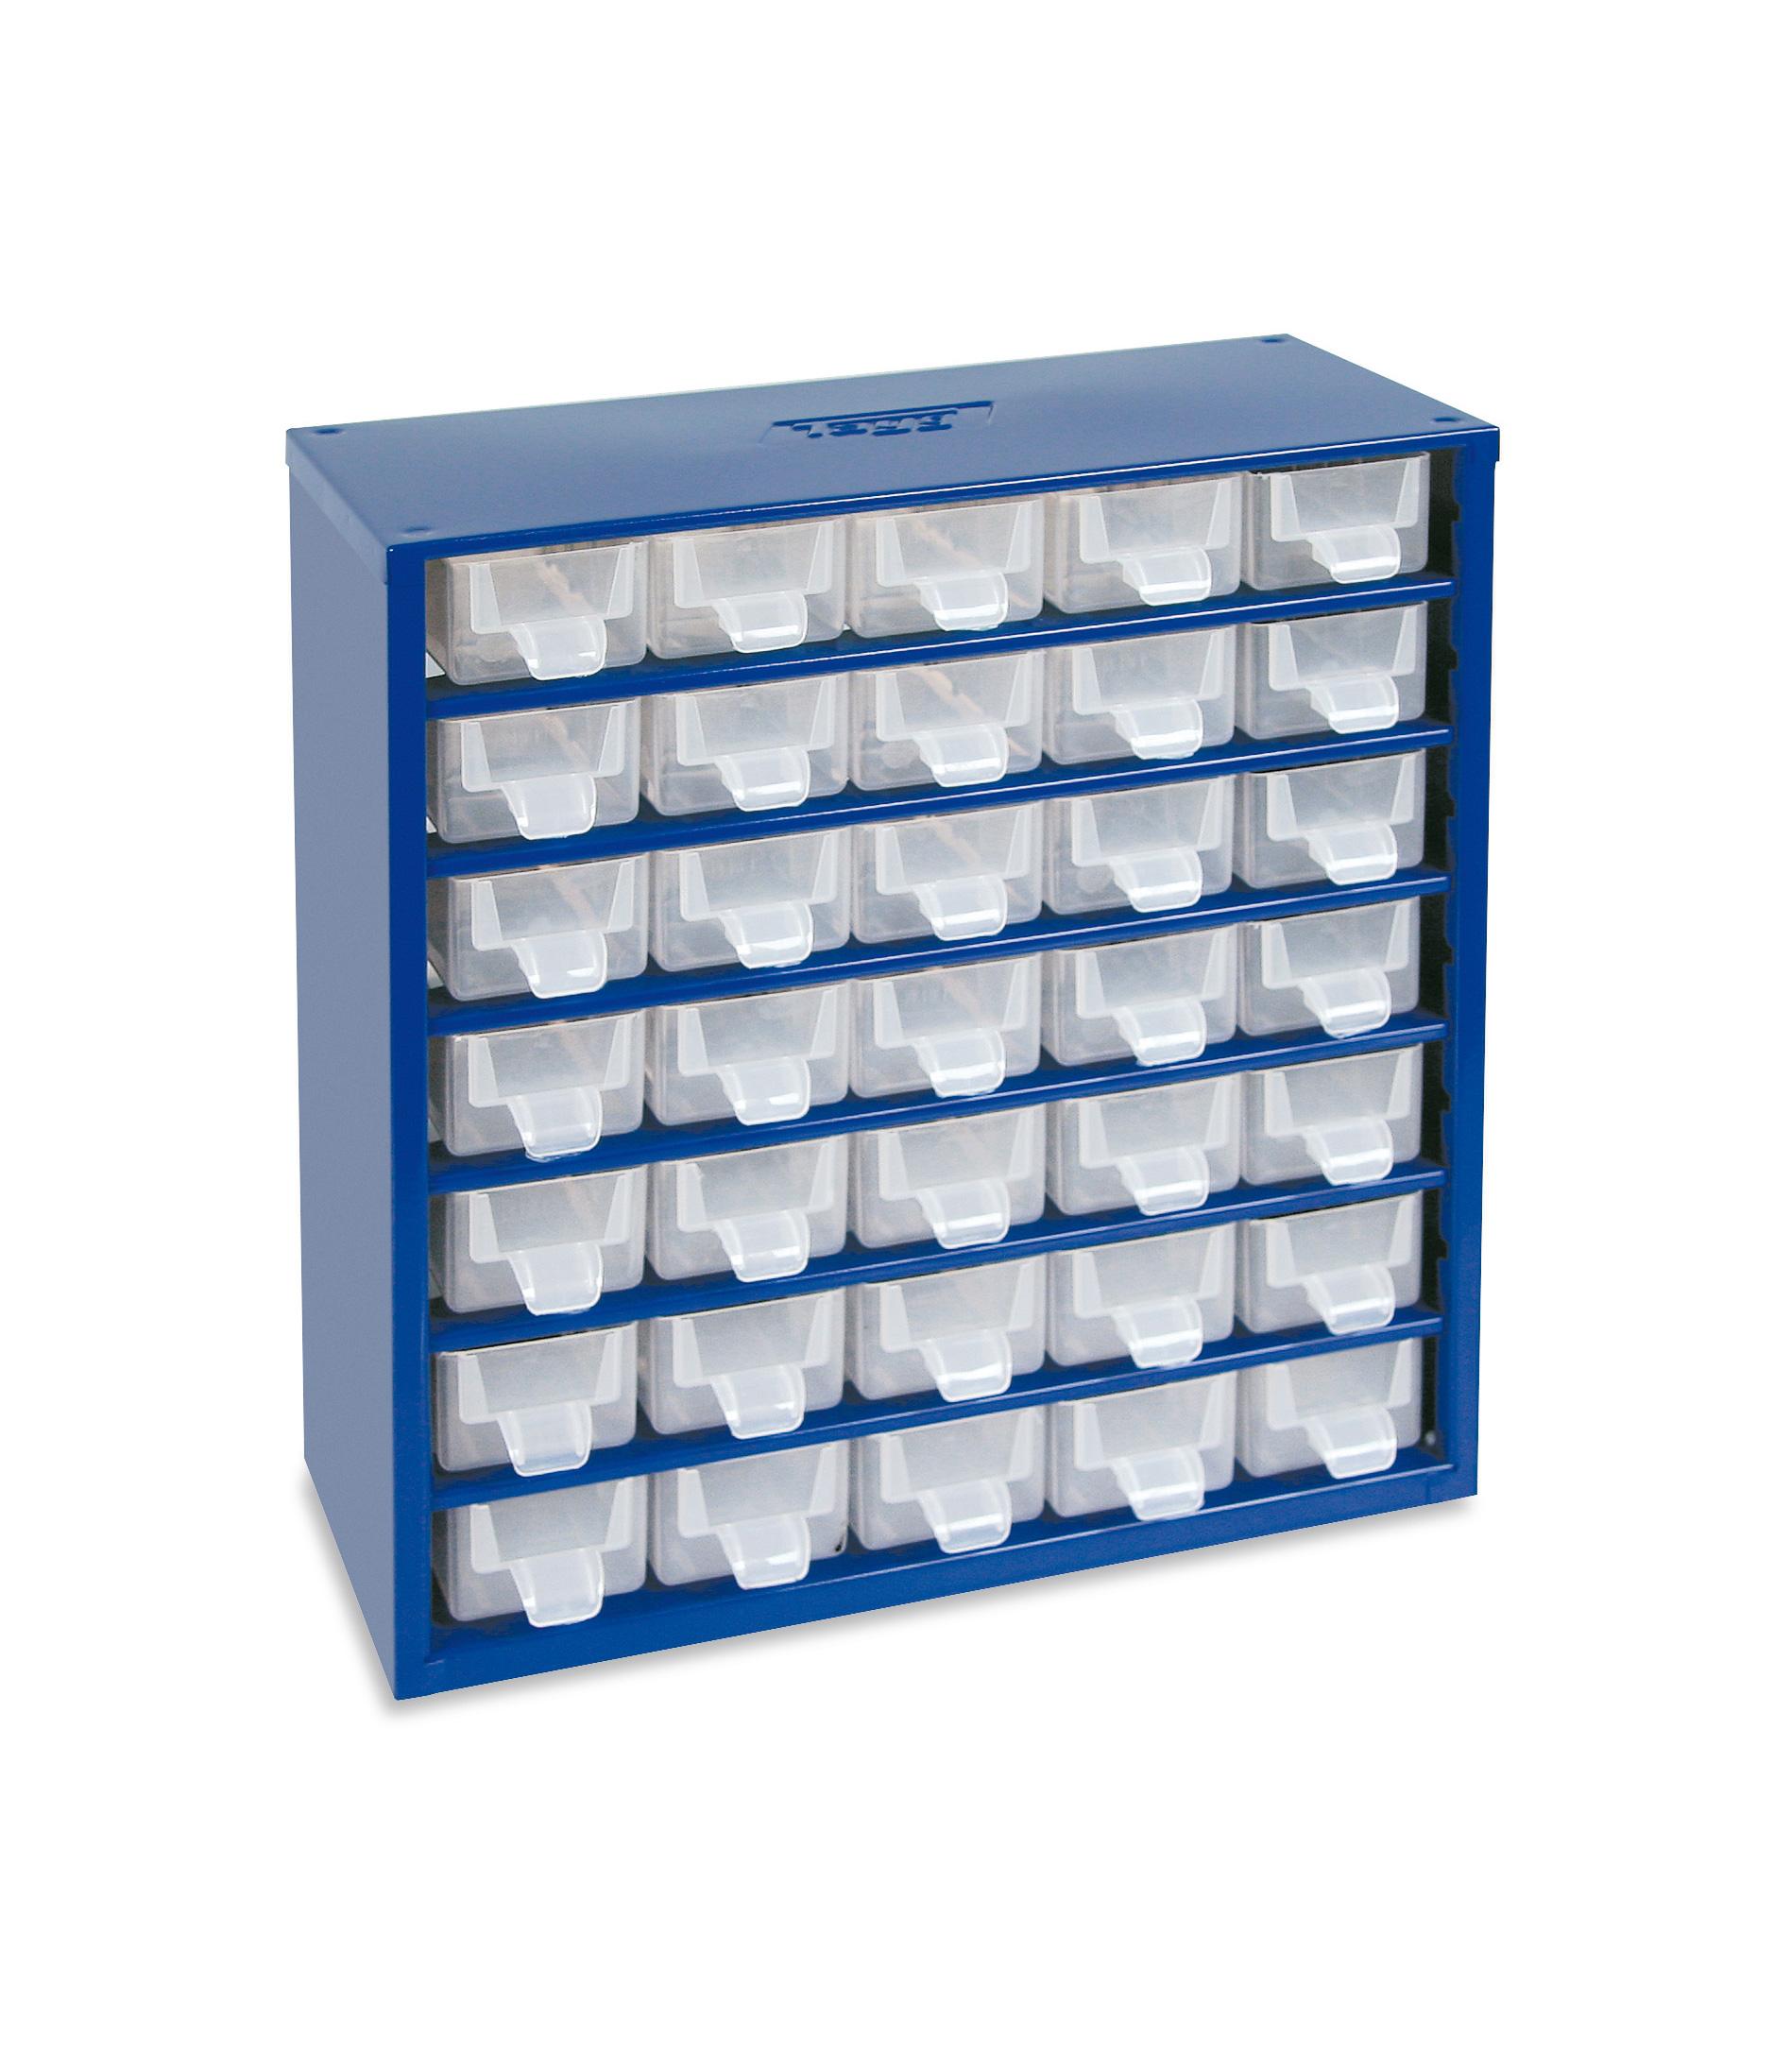 1 contenedores metalicos - Módulos metálicos mod. 31